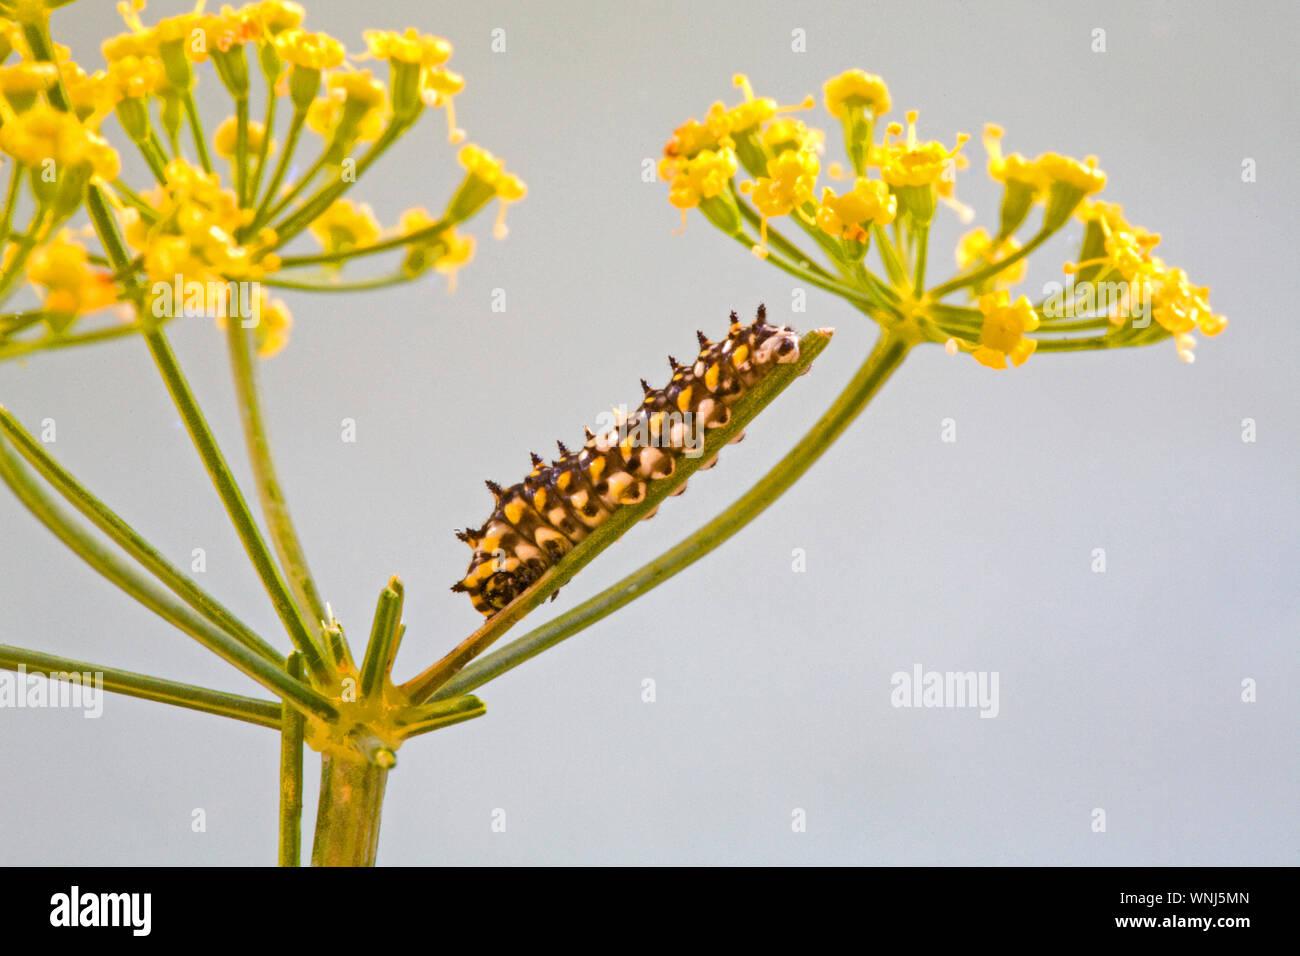 La diminuta de Caterpillar de segundo instar una especie de anís mariposa sobre el tallo de una flor de una planta de eneldo. Alrededor de un cuarto de pulgada de longitud. Foto de stock